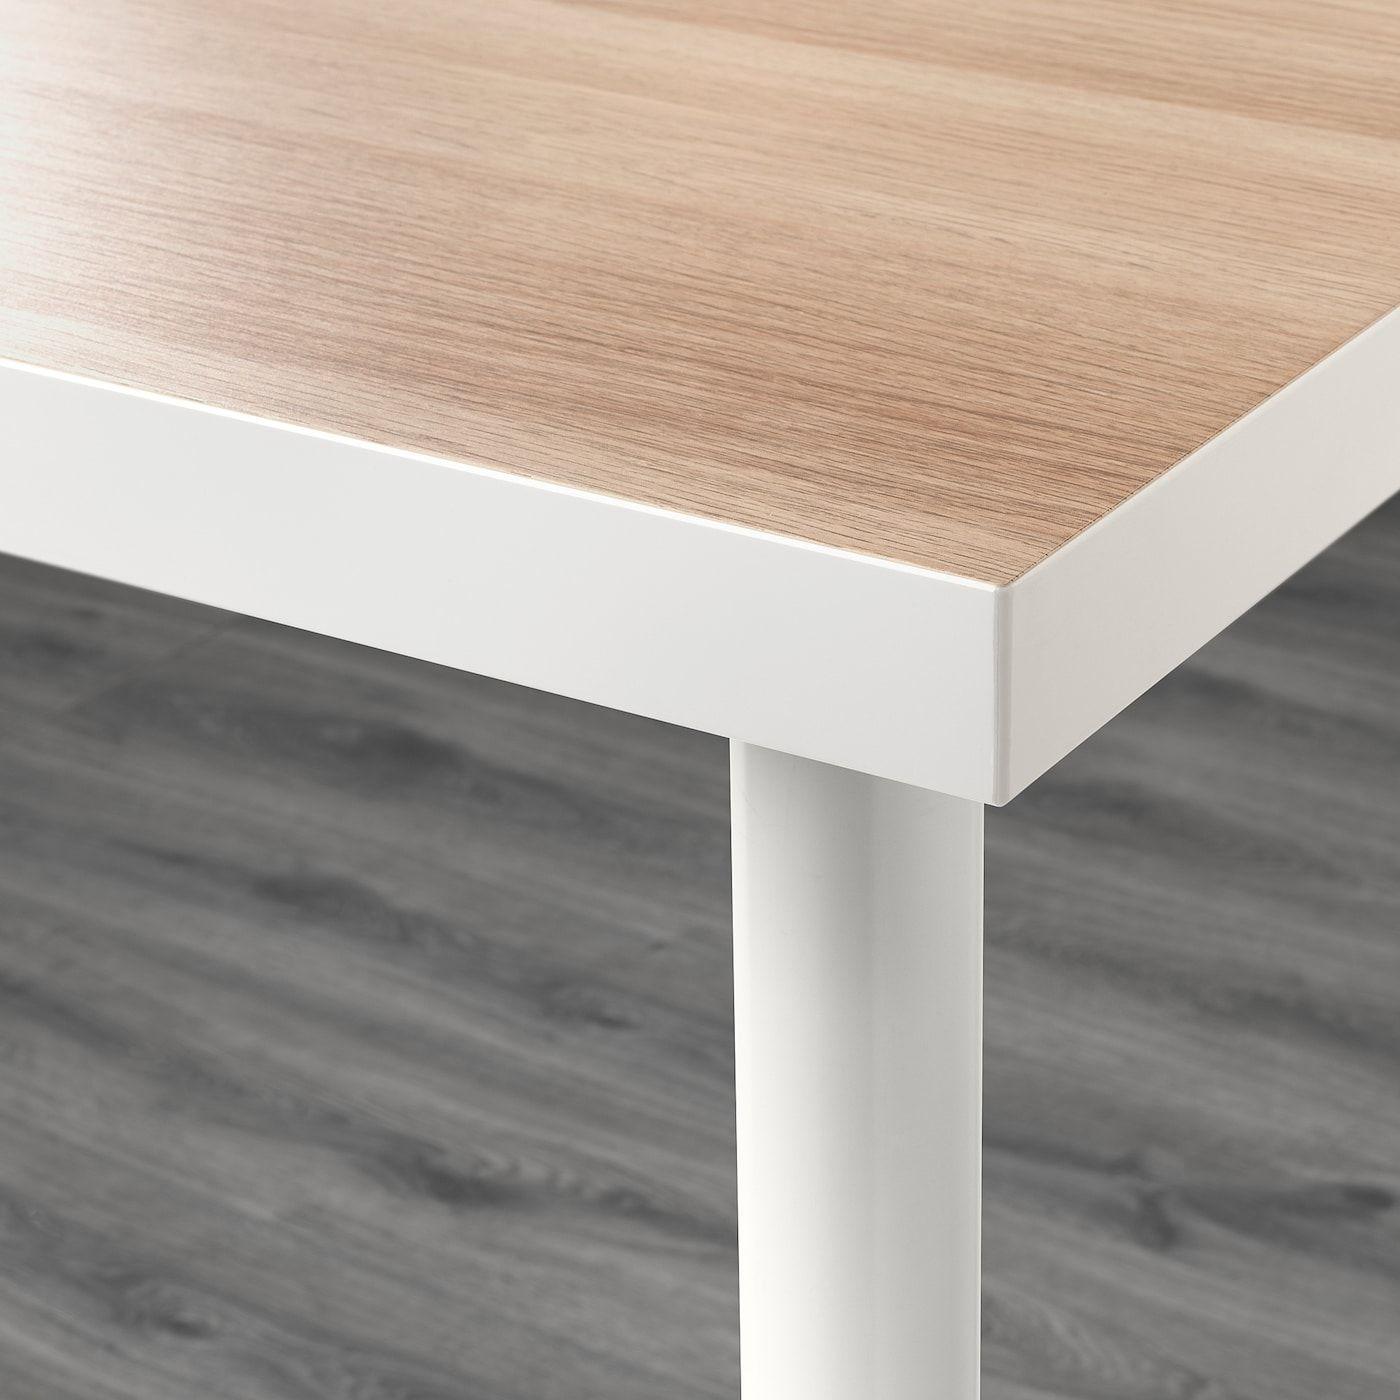 Linnmon Adils Tisch Weiss Eicheneff Wlas Tisch Weiss Tisch Und